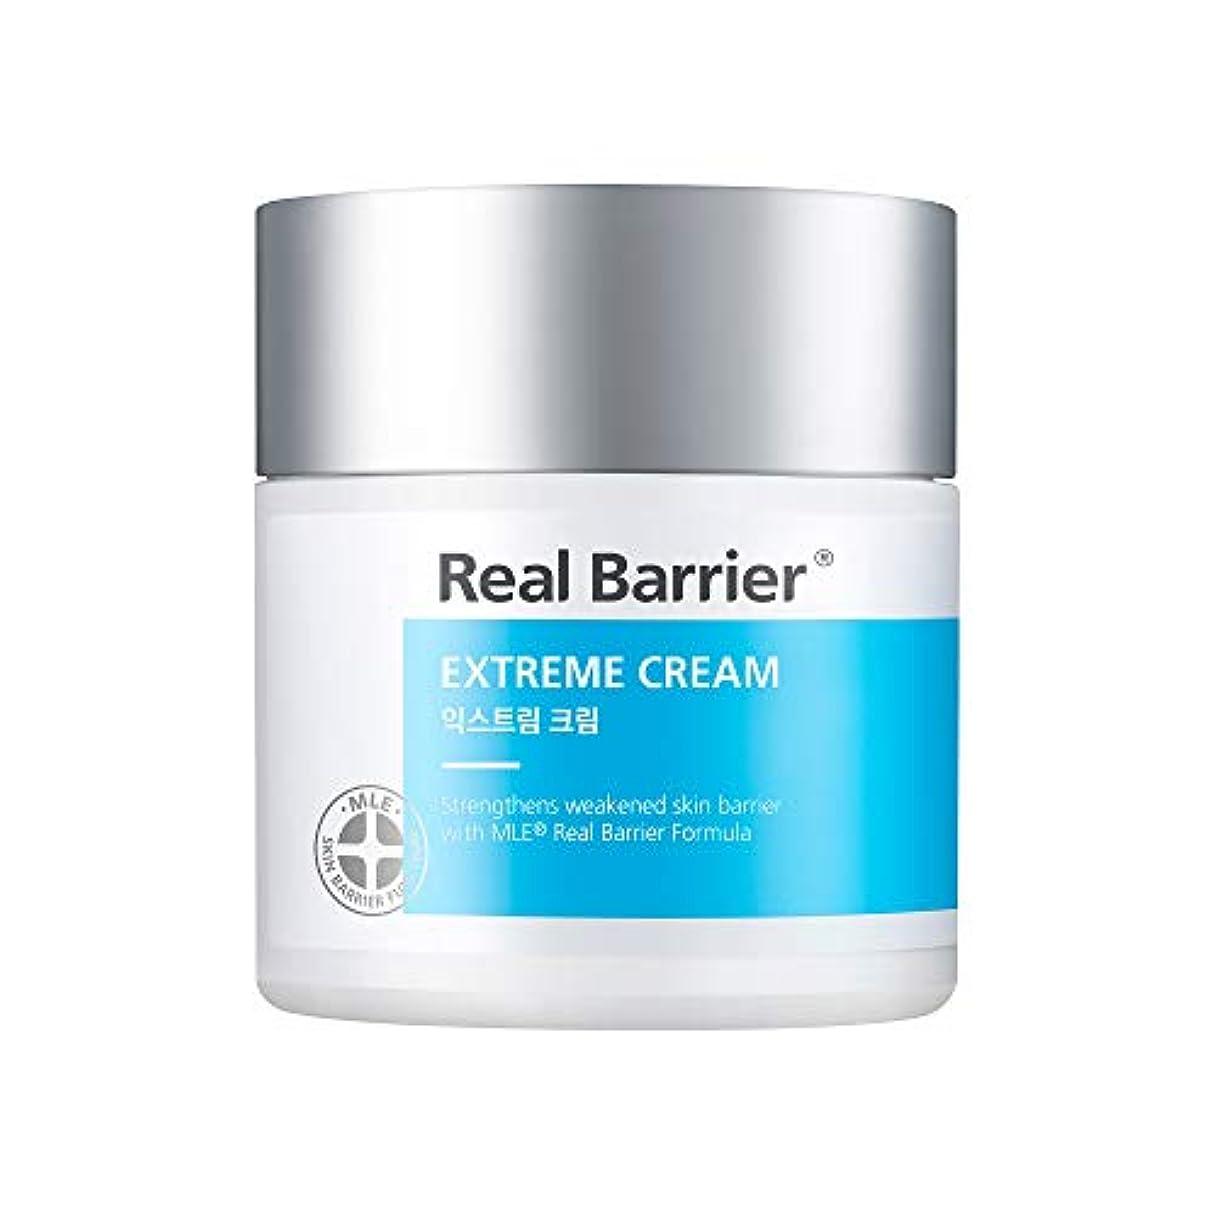 手薄汚い機会アトパーム(atopalm) リアルベリアエクストリームクリーム/Atopam Real Barrier Extreme Cream